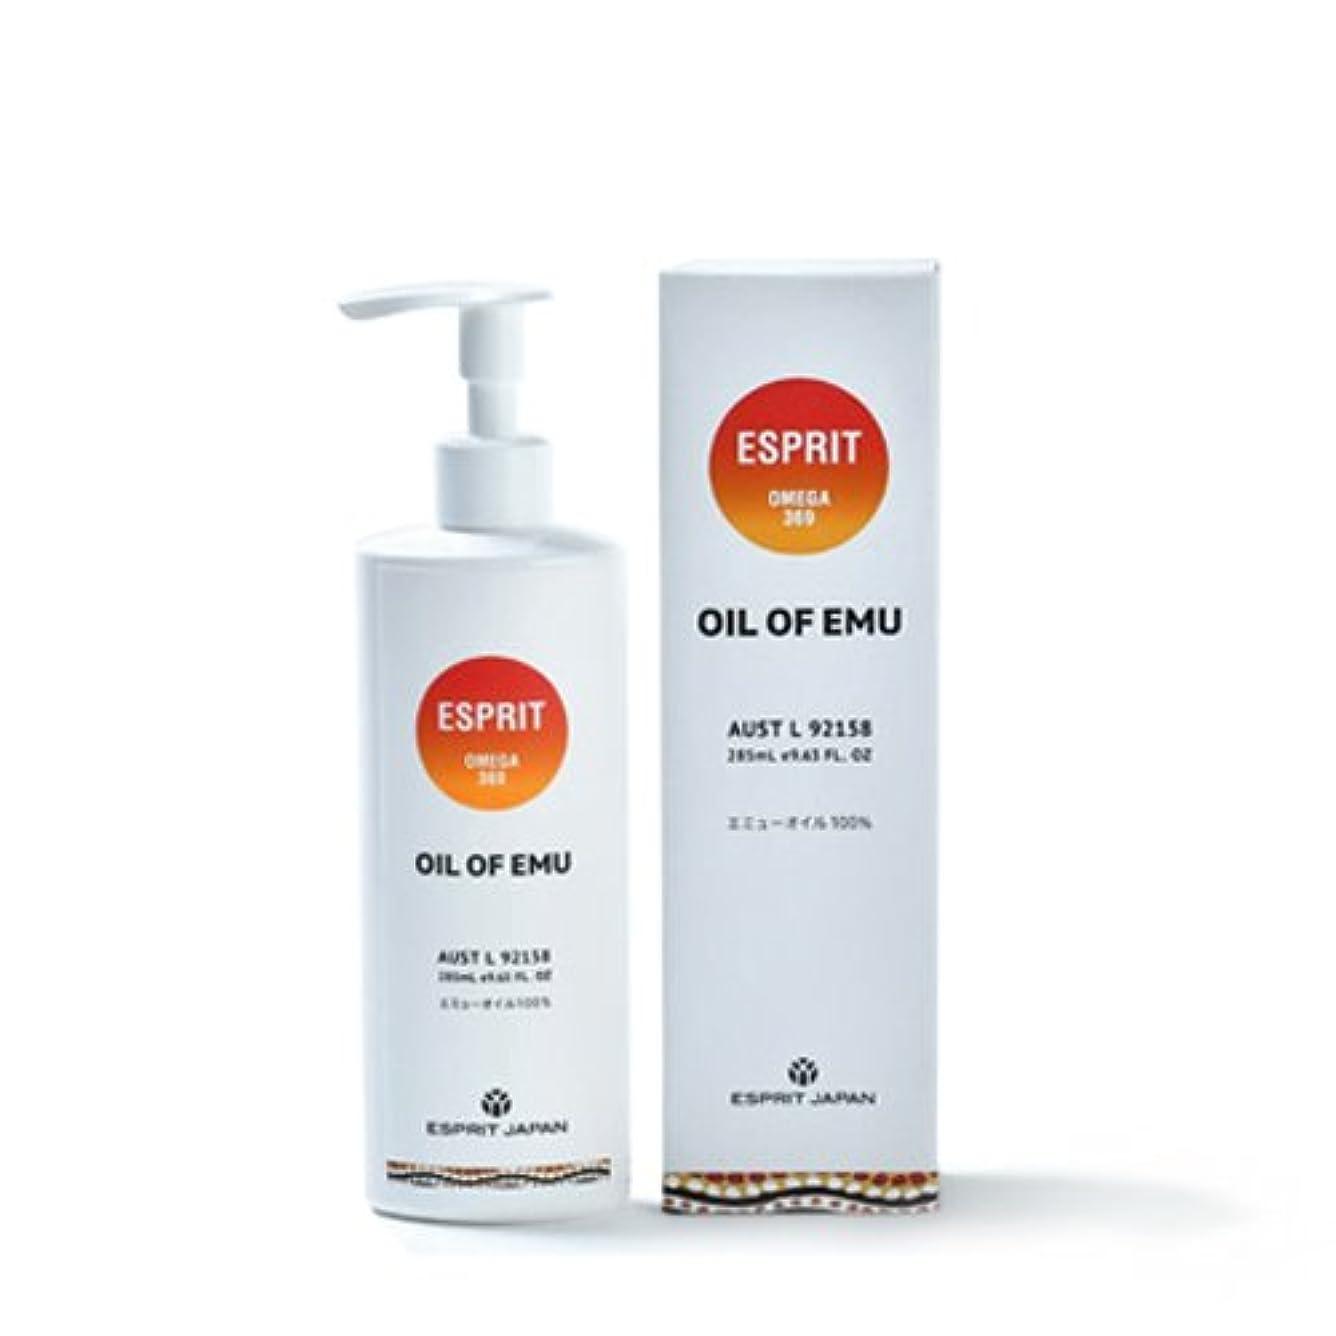 縮約まあ悪の【OIL OF EMU】【285ml】【エミューマッサージオイル】【エミューオイル】EMU SPIRIT製 オイル?オブ?エミュー 285ml OIL of EMU (エミューオイル 100%) Sサイズ